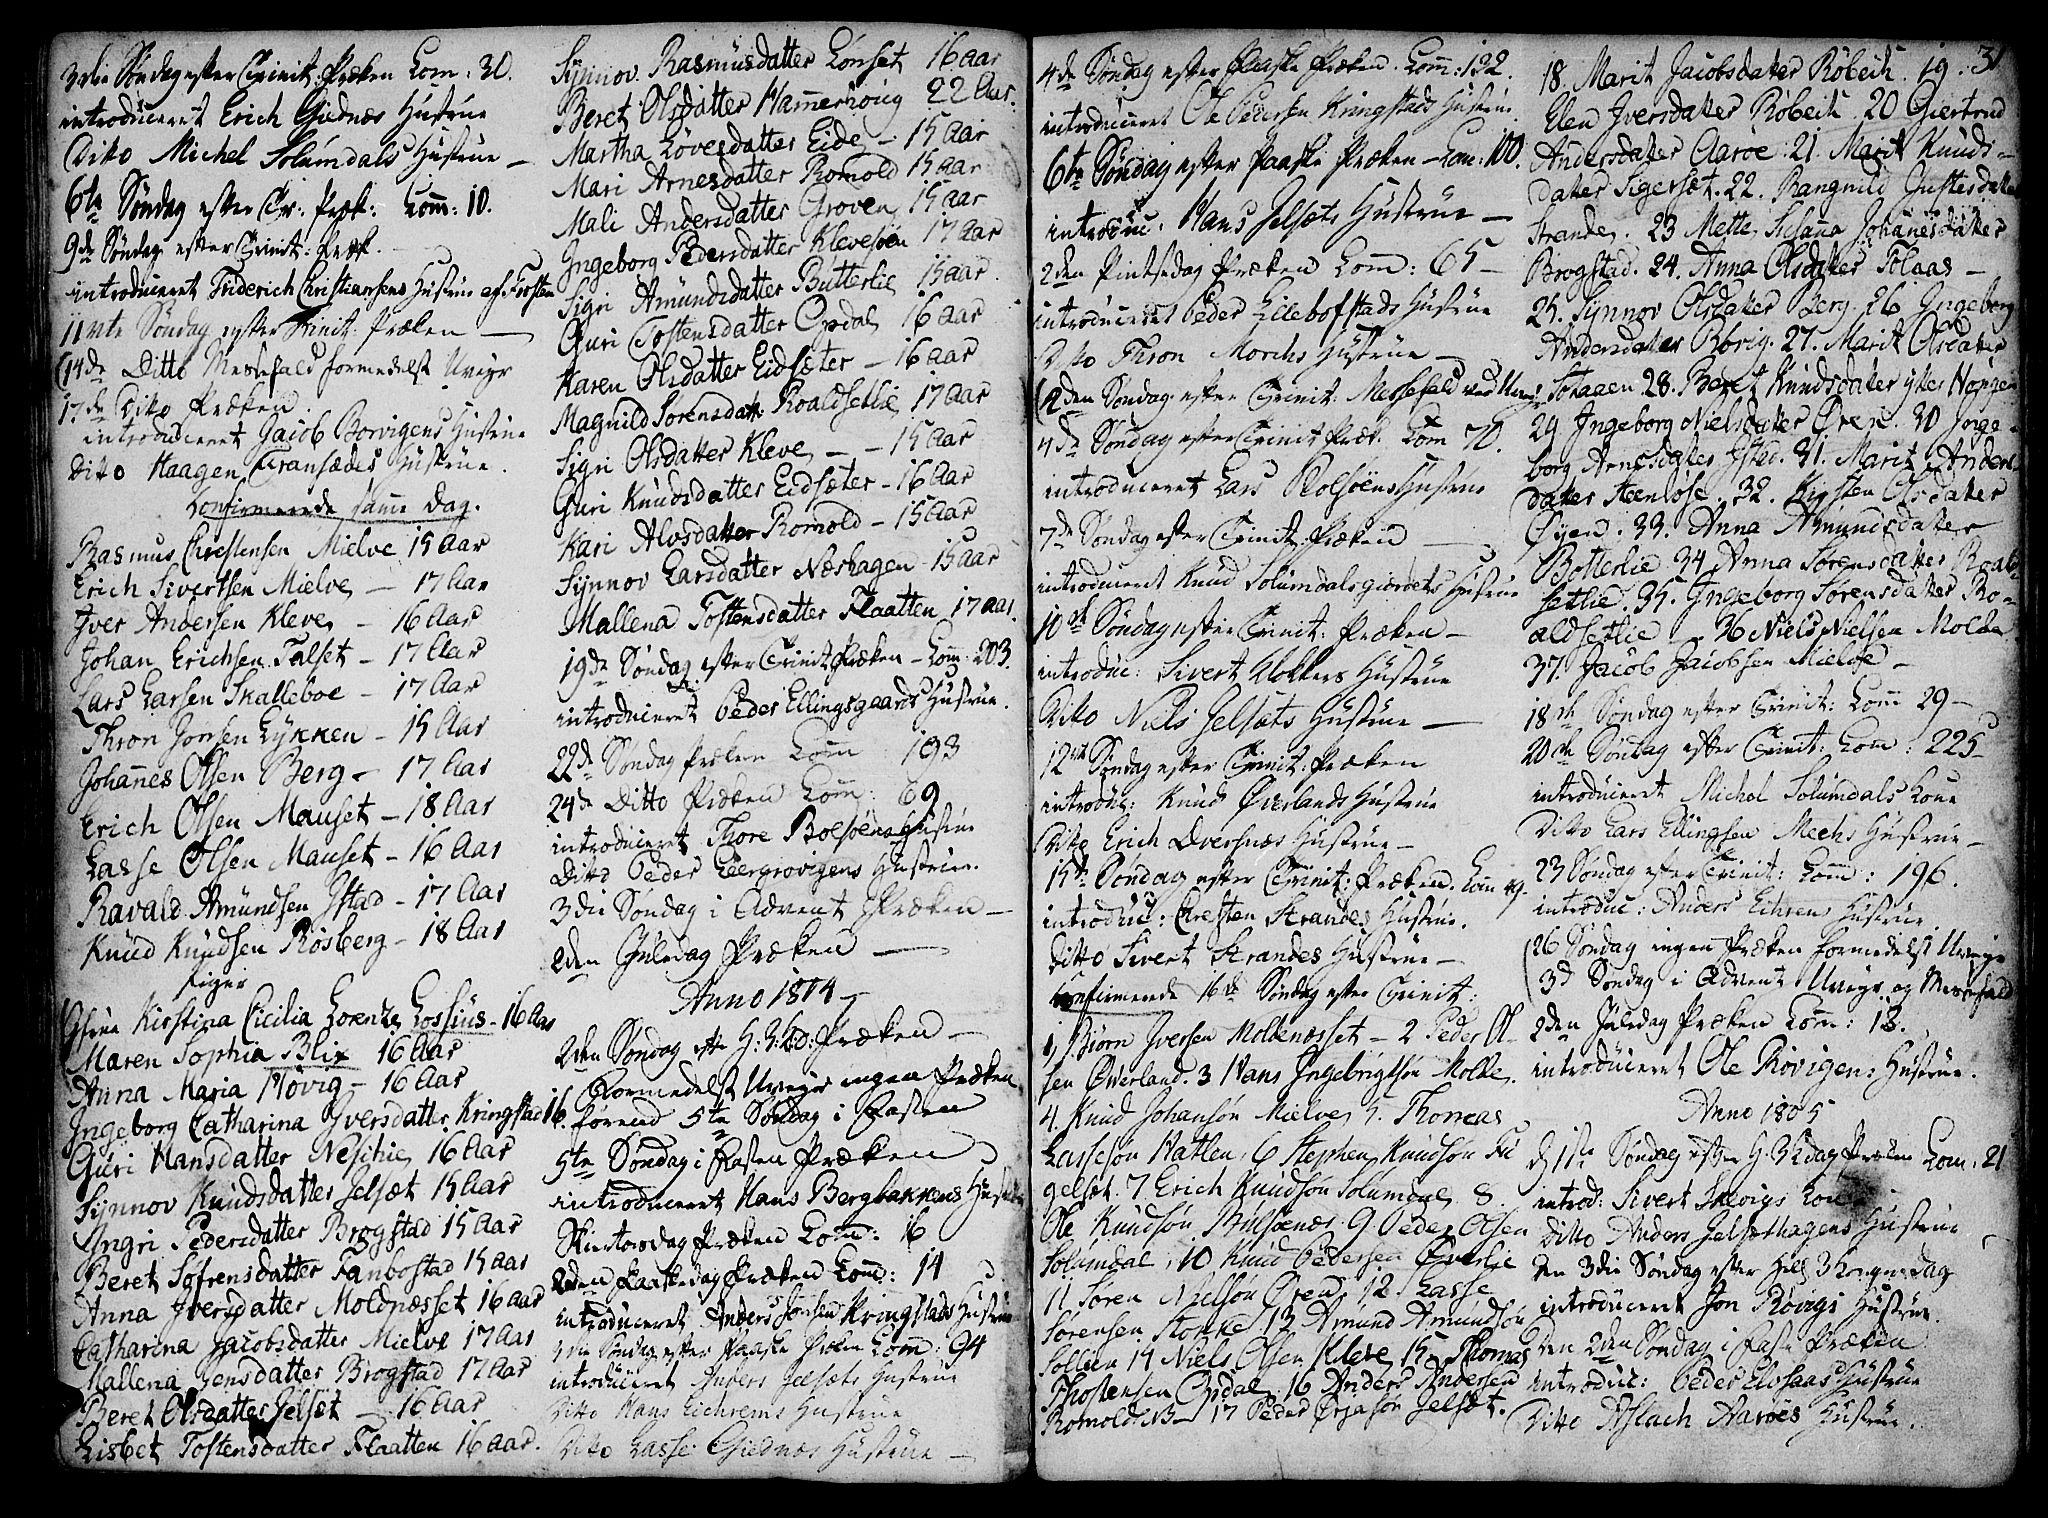 SAT, Ministerialprotokoller, klokkerbøker og fødselsregistre - Møre og Romsdal, 555/L0649: Ministerialbok nr. 555A02 /1, 1795-1821, s. 31